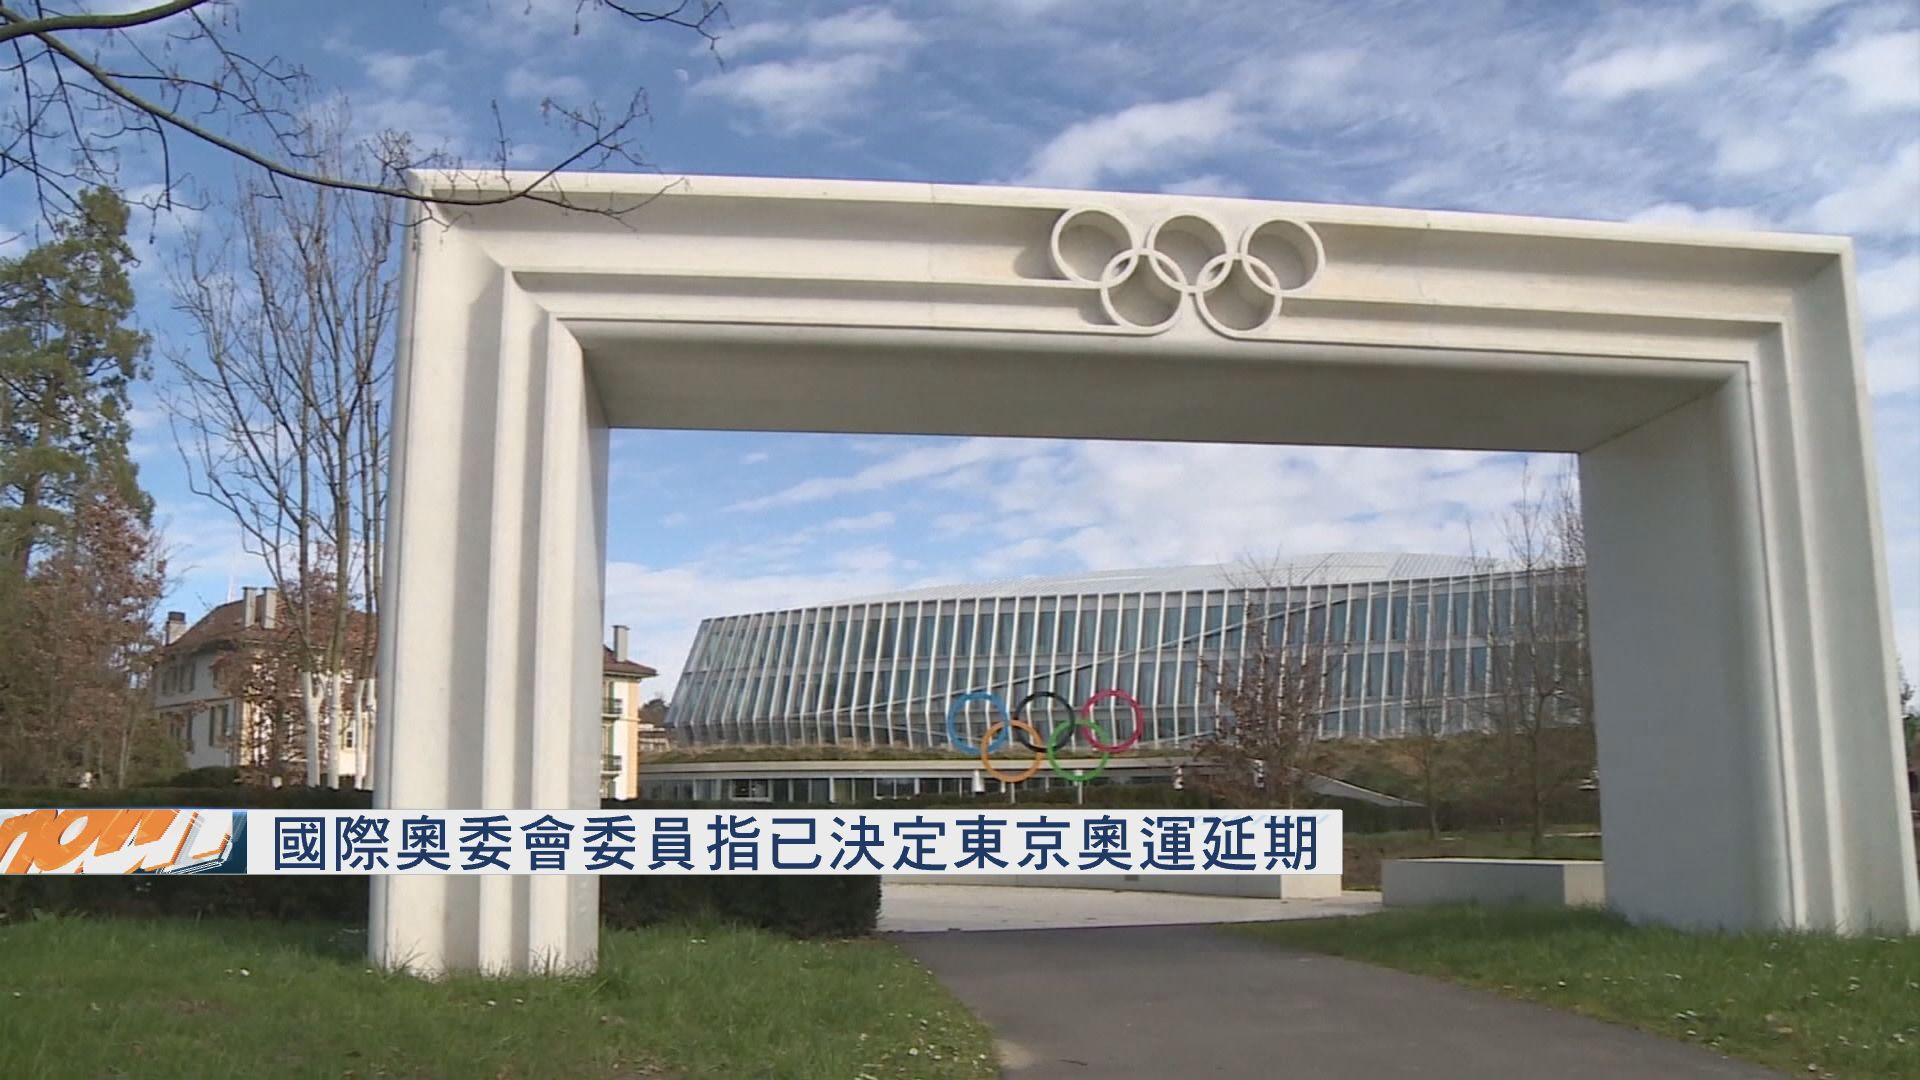 國際奧委會委員指已決定東京奧運延期